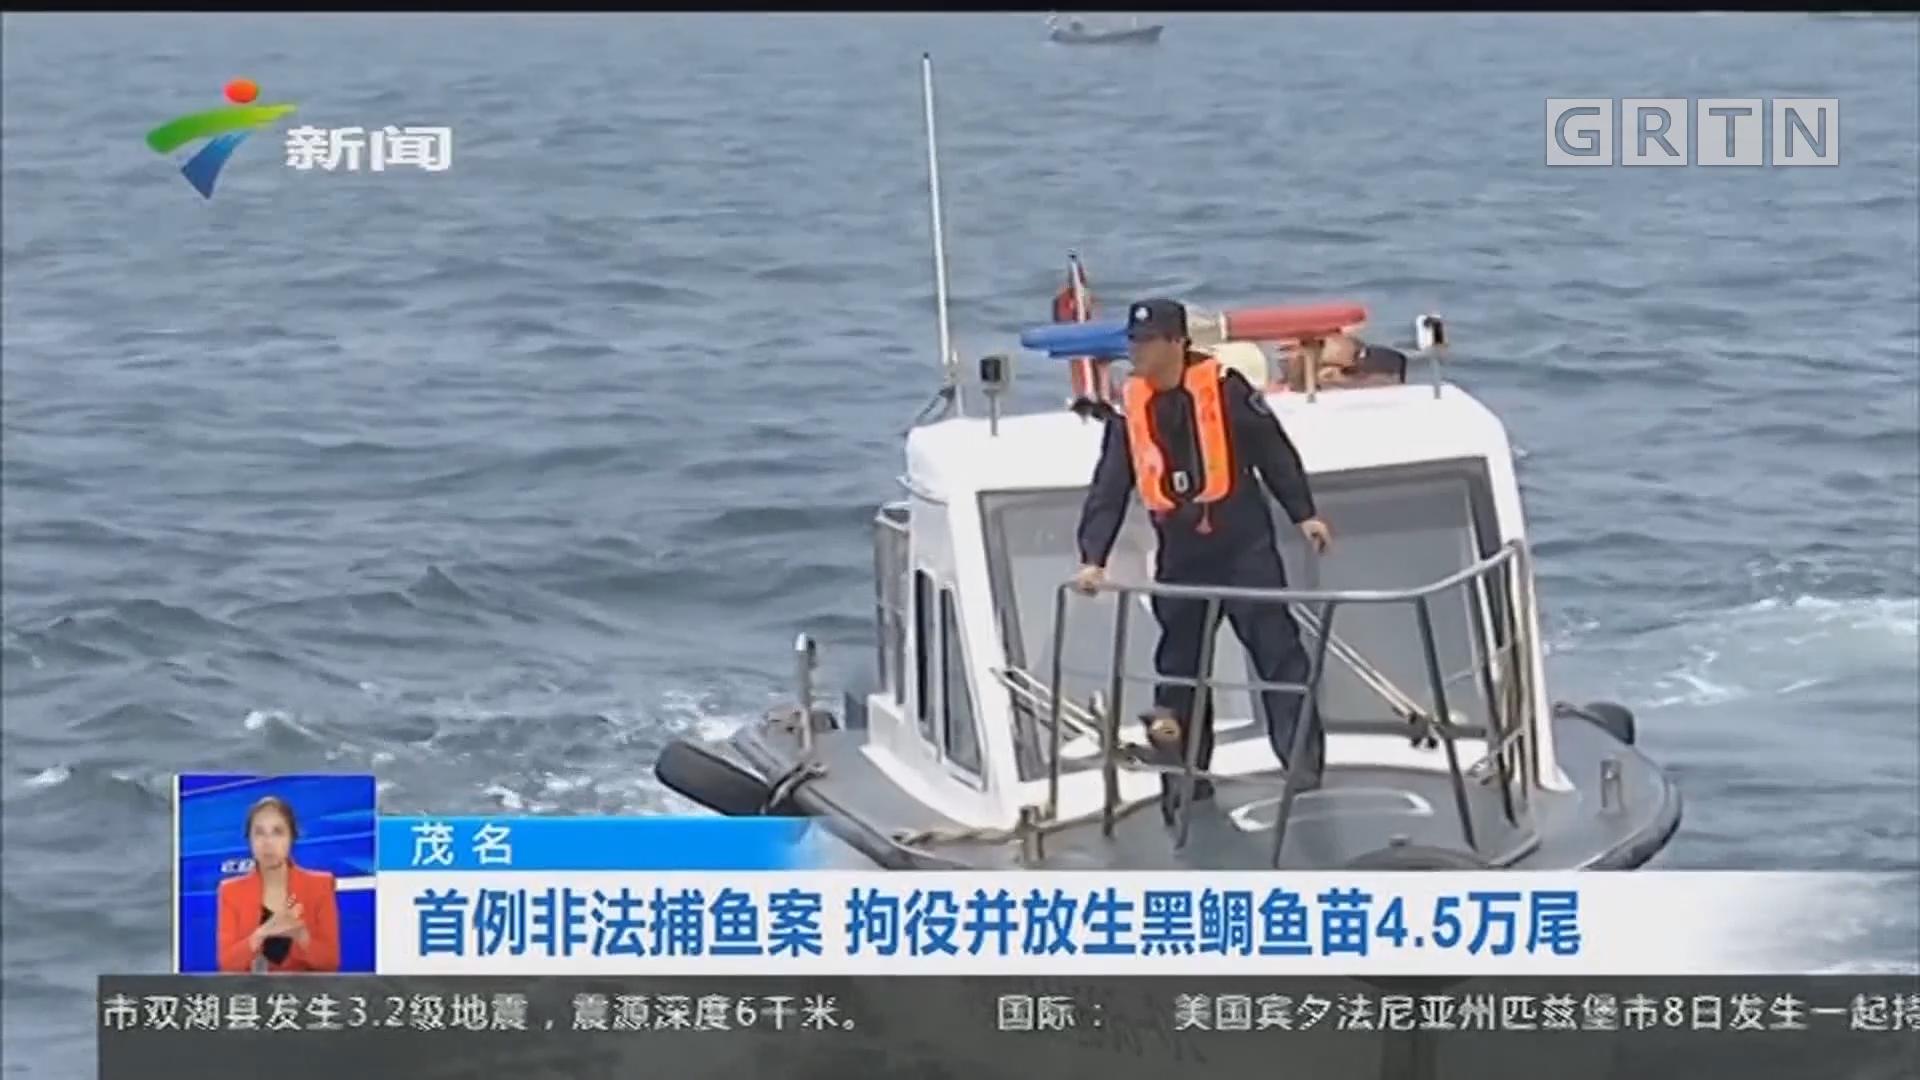 茂名:首例非法捕鱼案 拘役并放生黑鲷鱼苗4.5万尾